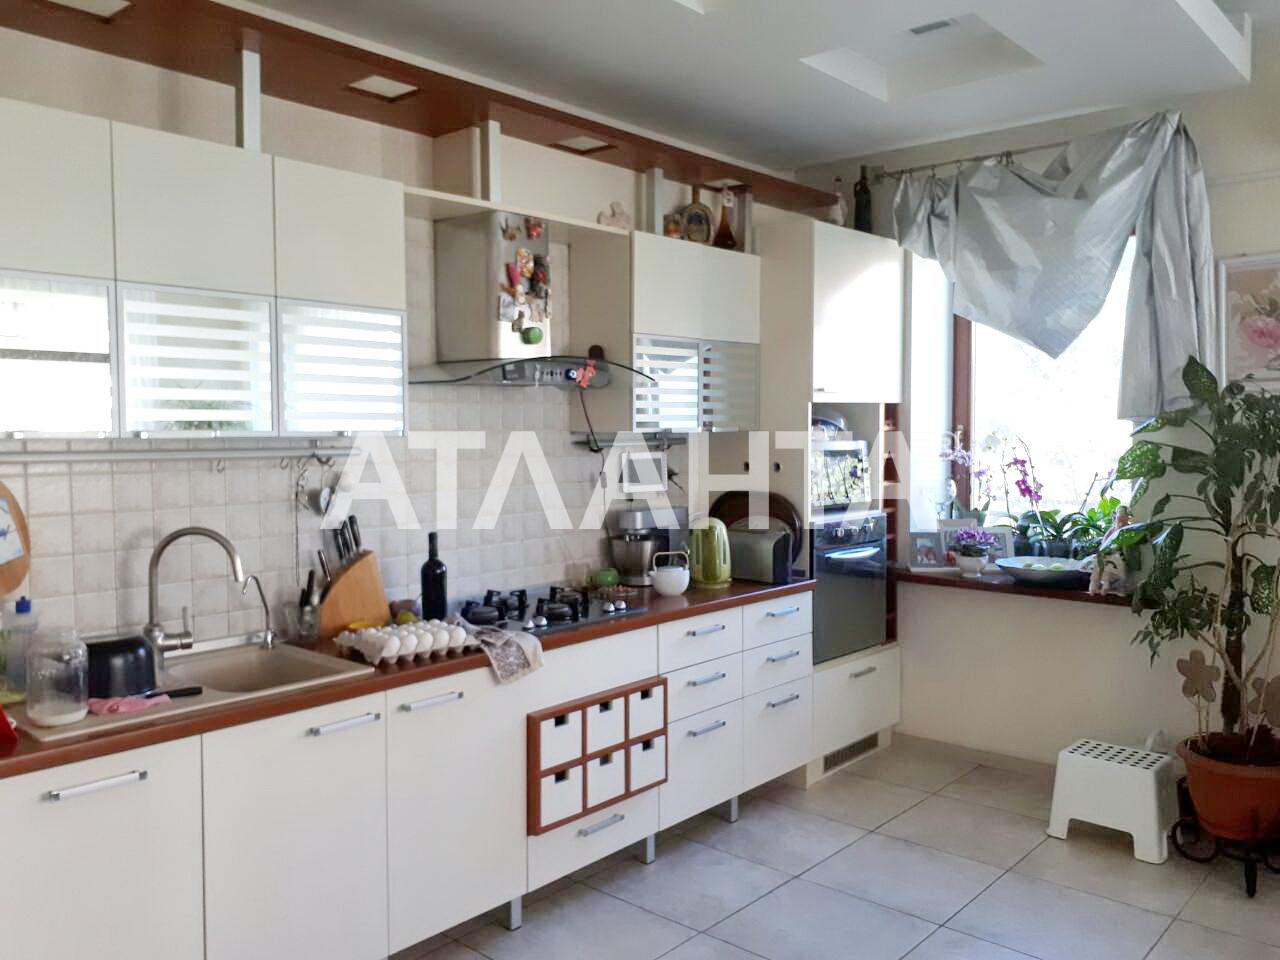 Продается Дом на ул. Каштановая — 450 000 у.е. (фото №11)